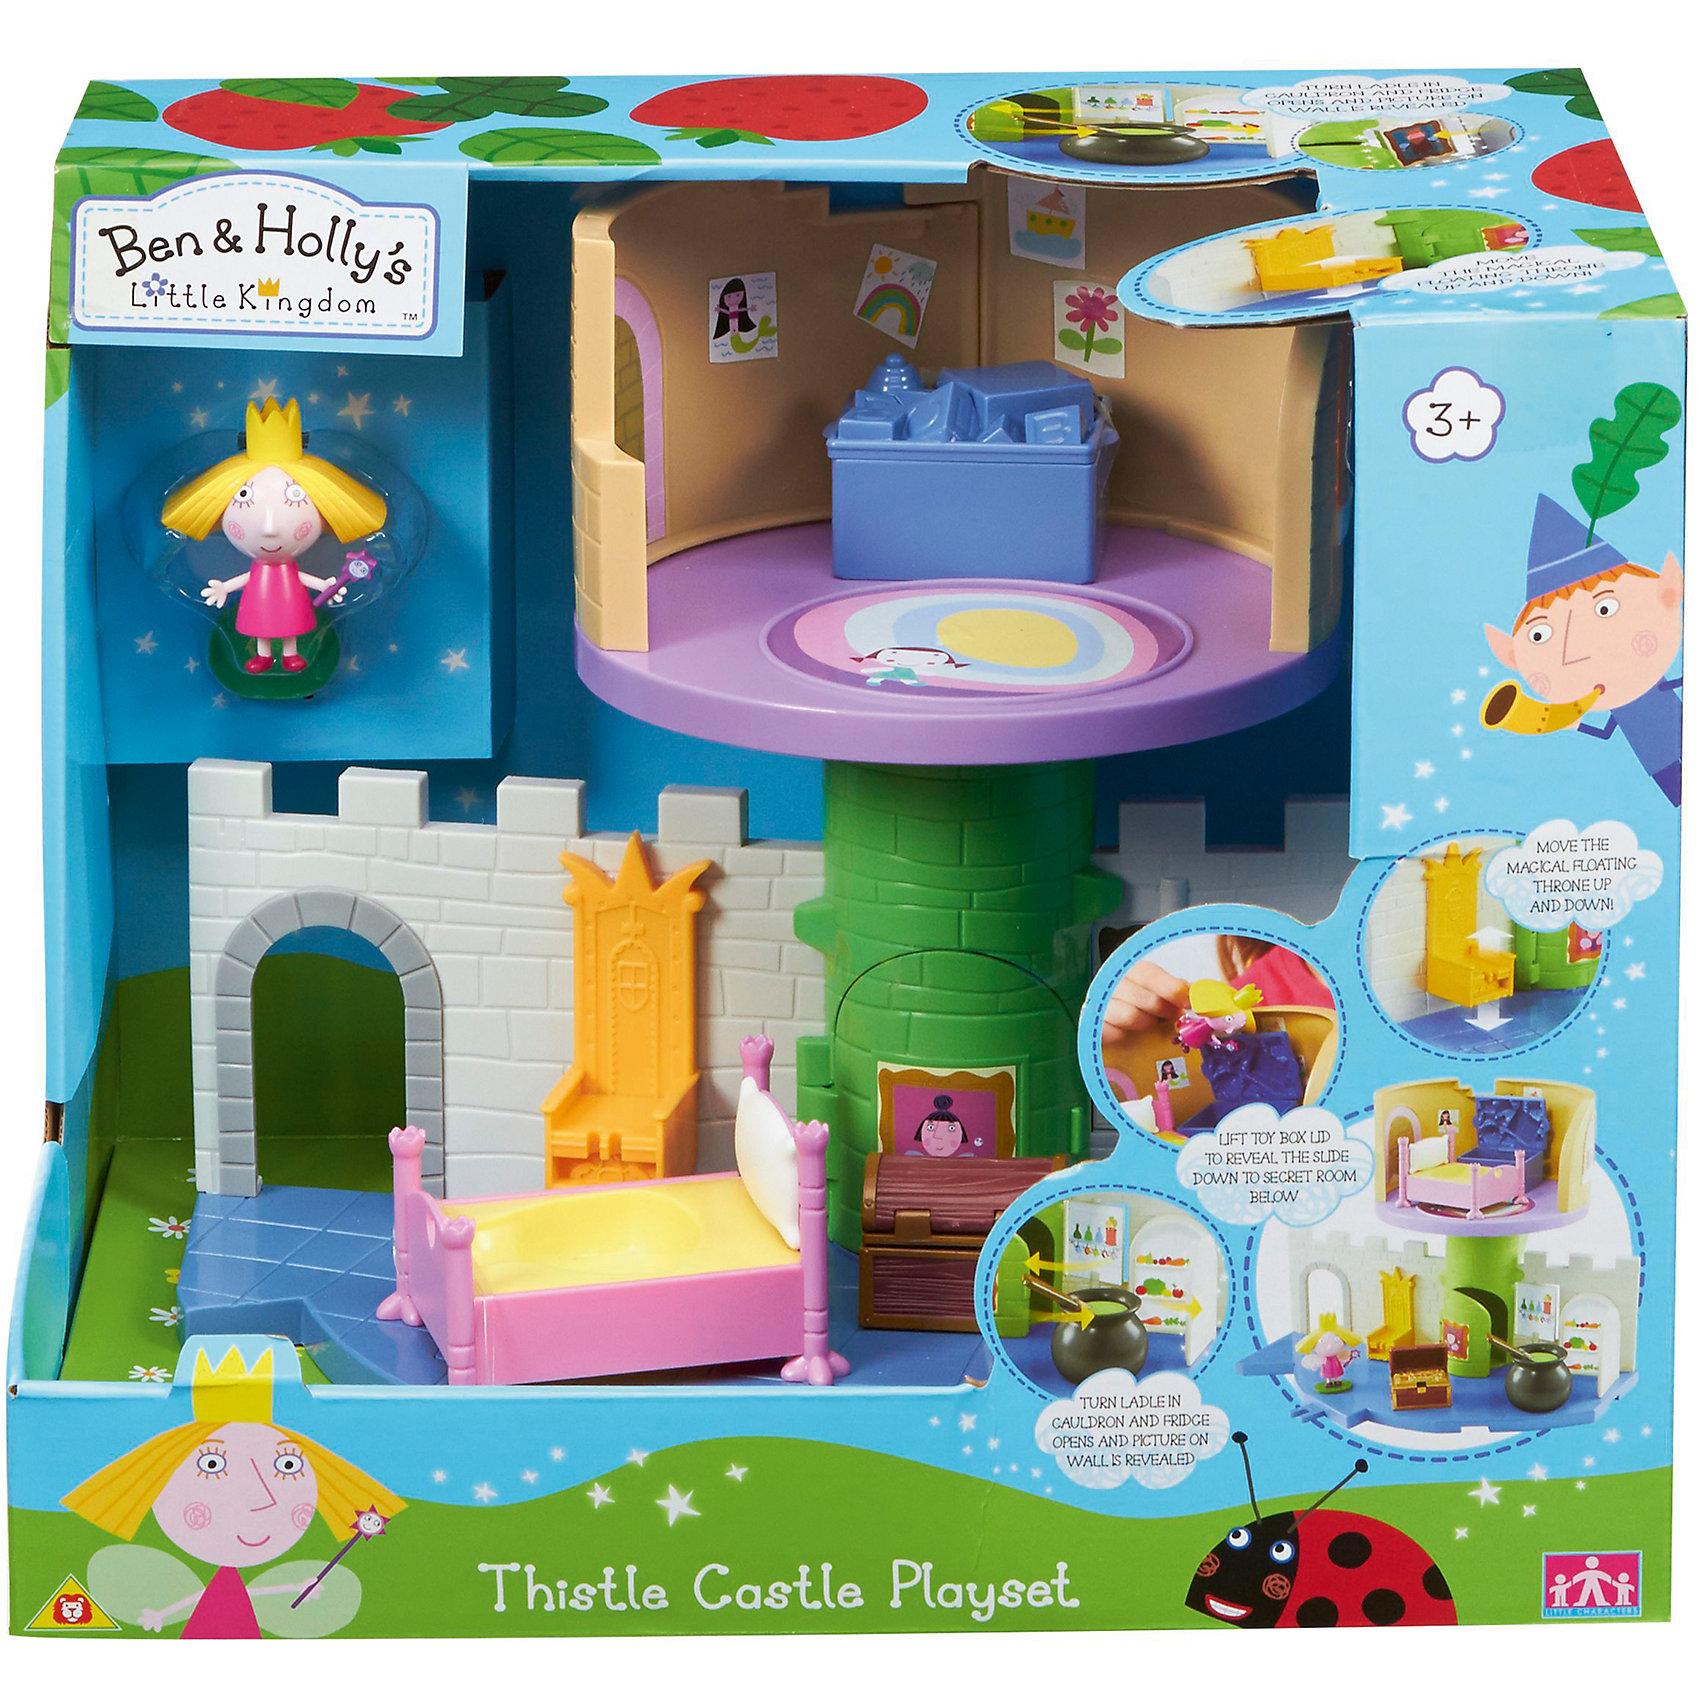 Игровой набор Волшебный замок с фигуркой Холли, Бен и ХоллиБен и Холли<br>Игровой набор Волшебный замок с фигуркой Холли приведет в восторг любителей мультика Маленькое королевство Бена и Холли. В наборе есть и замок, в котором можно поселить принцессу, и различная мебель для неё, и фигурка Холли с подвижными деталями. Благодаря двигающимся рукам и ногам героев, с ними можно придумать множество игр, тем более, чтоб малышам нужно будет активнее задействовать пальчики и творческое мышление!<br>Набор сделан из высококачественного пластика, который безопасен для малышей. Набор яркий, очень симпатично смотрится. Он будет отличным подарком ребенку! Подобные игрушки отлично помогают развитию у детей воображения и моторики.<br><br>Дополнительная информация:<br><br>цвет: разноцветный;<br>материал: пластик;<br>комплектация: замок, мебель, фигурка Холли;<br>размер фигурки: 6 см;<br>размер: 32 х 25 х 23 см.<br><br>Игровой набор Волшебный замок с фигуркой Холли от бренда Бен и Холли можно приобрести в нашем интернет-магазине.<br><br>Ширина мм: 340<br>Глубина мм: 280<br>Высота мм: 235<br>Вес г: 1318<br>Возраст от месяцев: 36<br>Возраст до месяцев: 2147483647<br>Пол: Унисекс<br>Возраст: Детский<br>SKU: 4970296